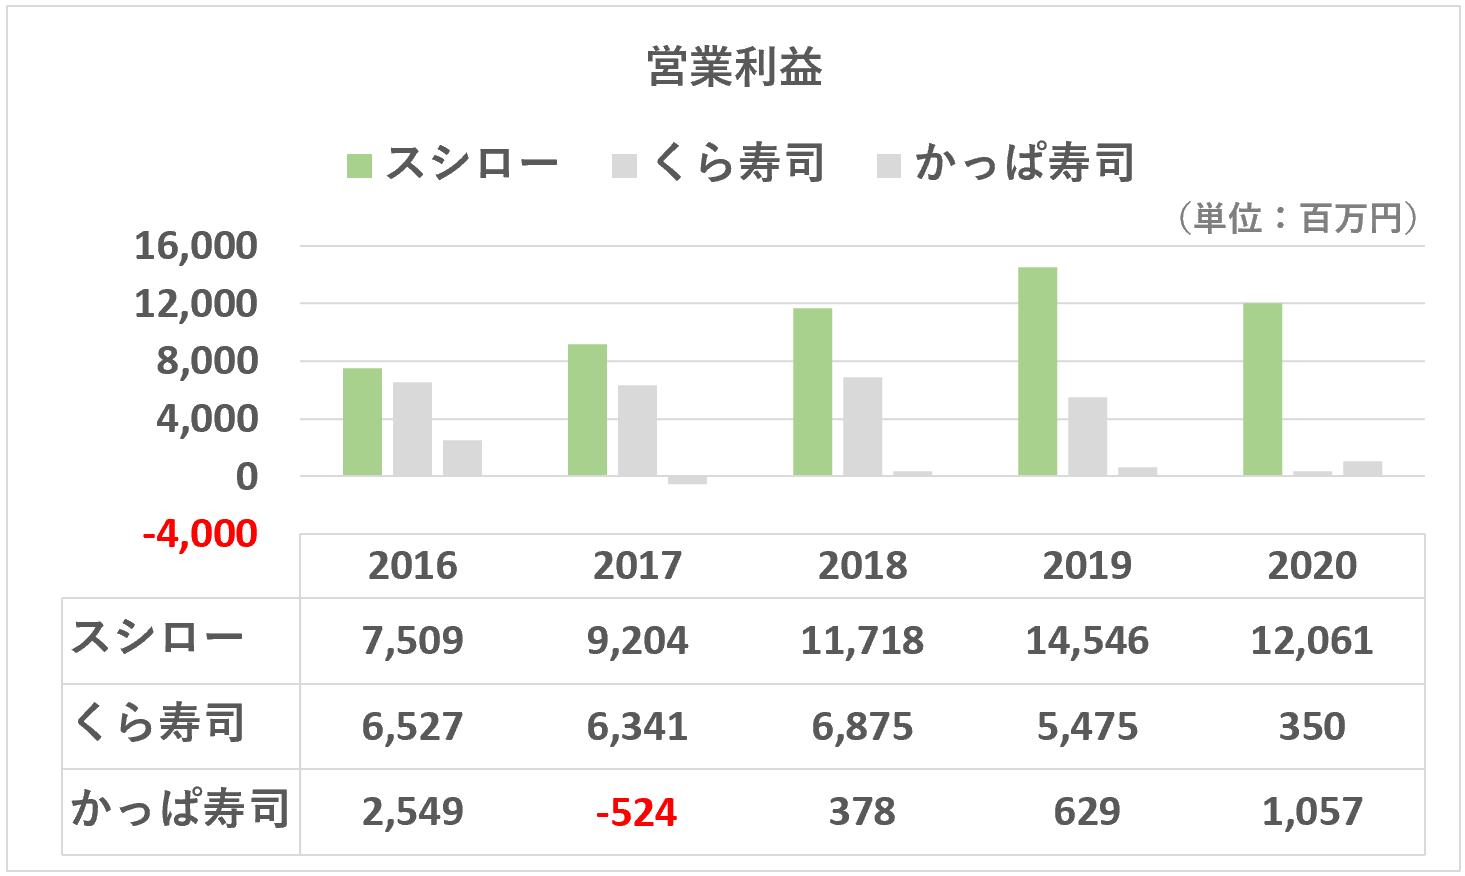 スシロー:営業利益の推移